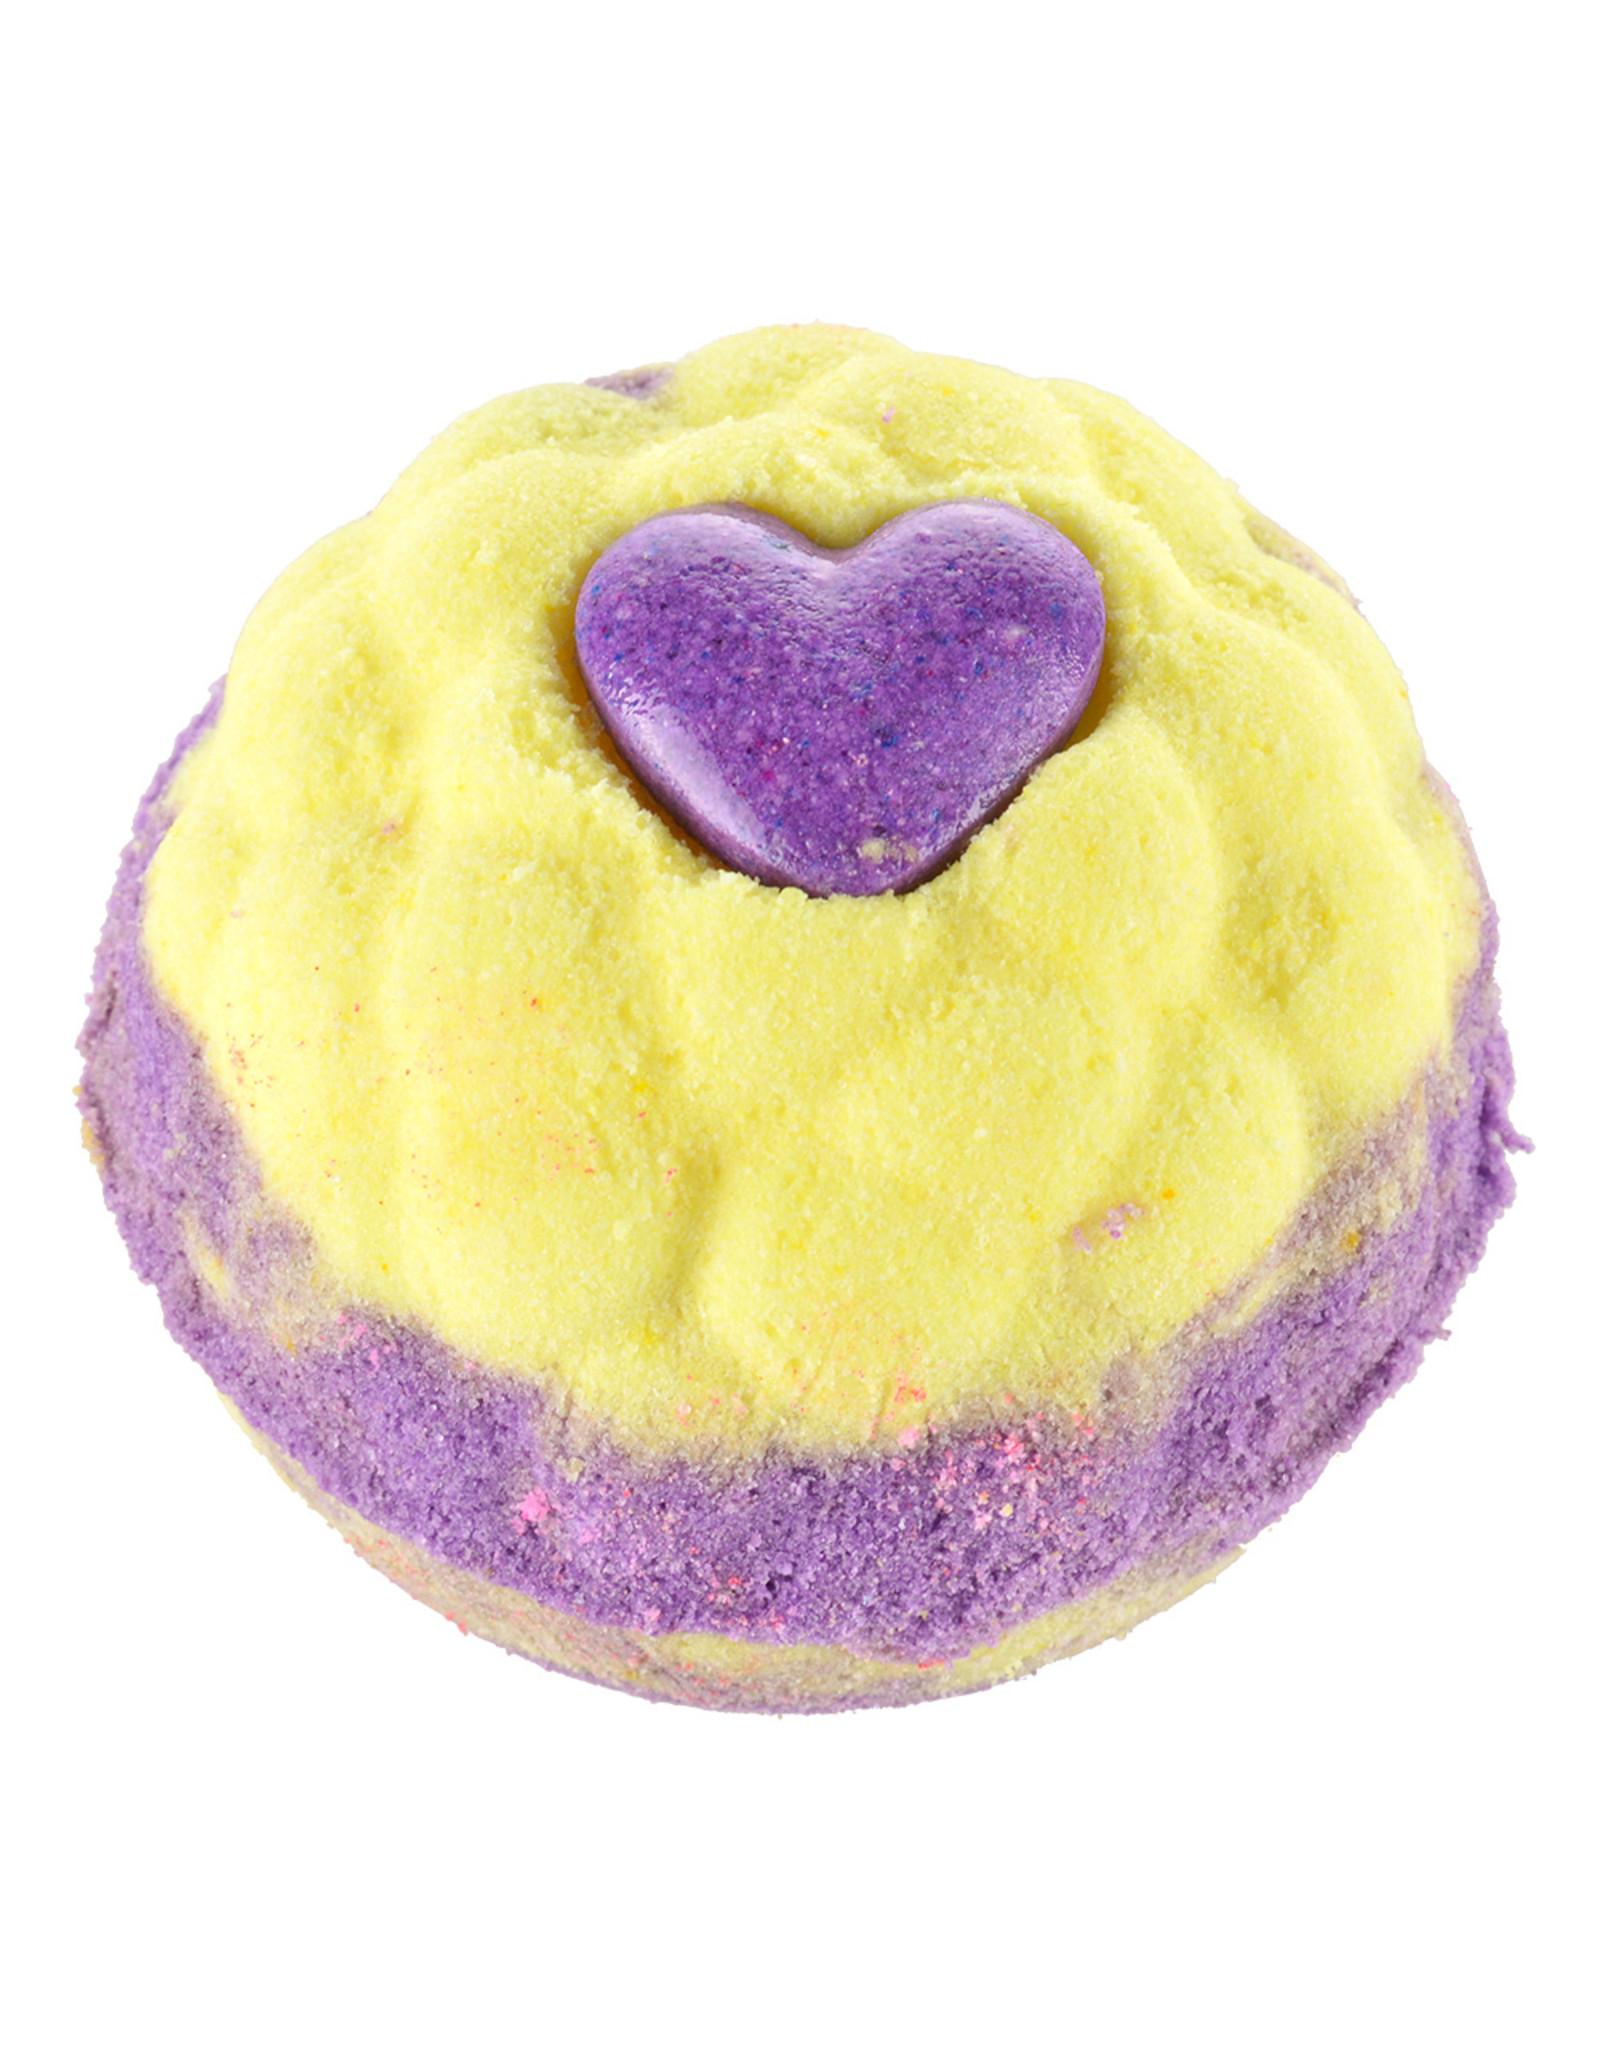 Badbruiser 'Candy Twist' - Body & Soap